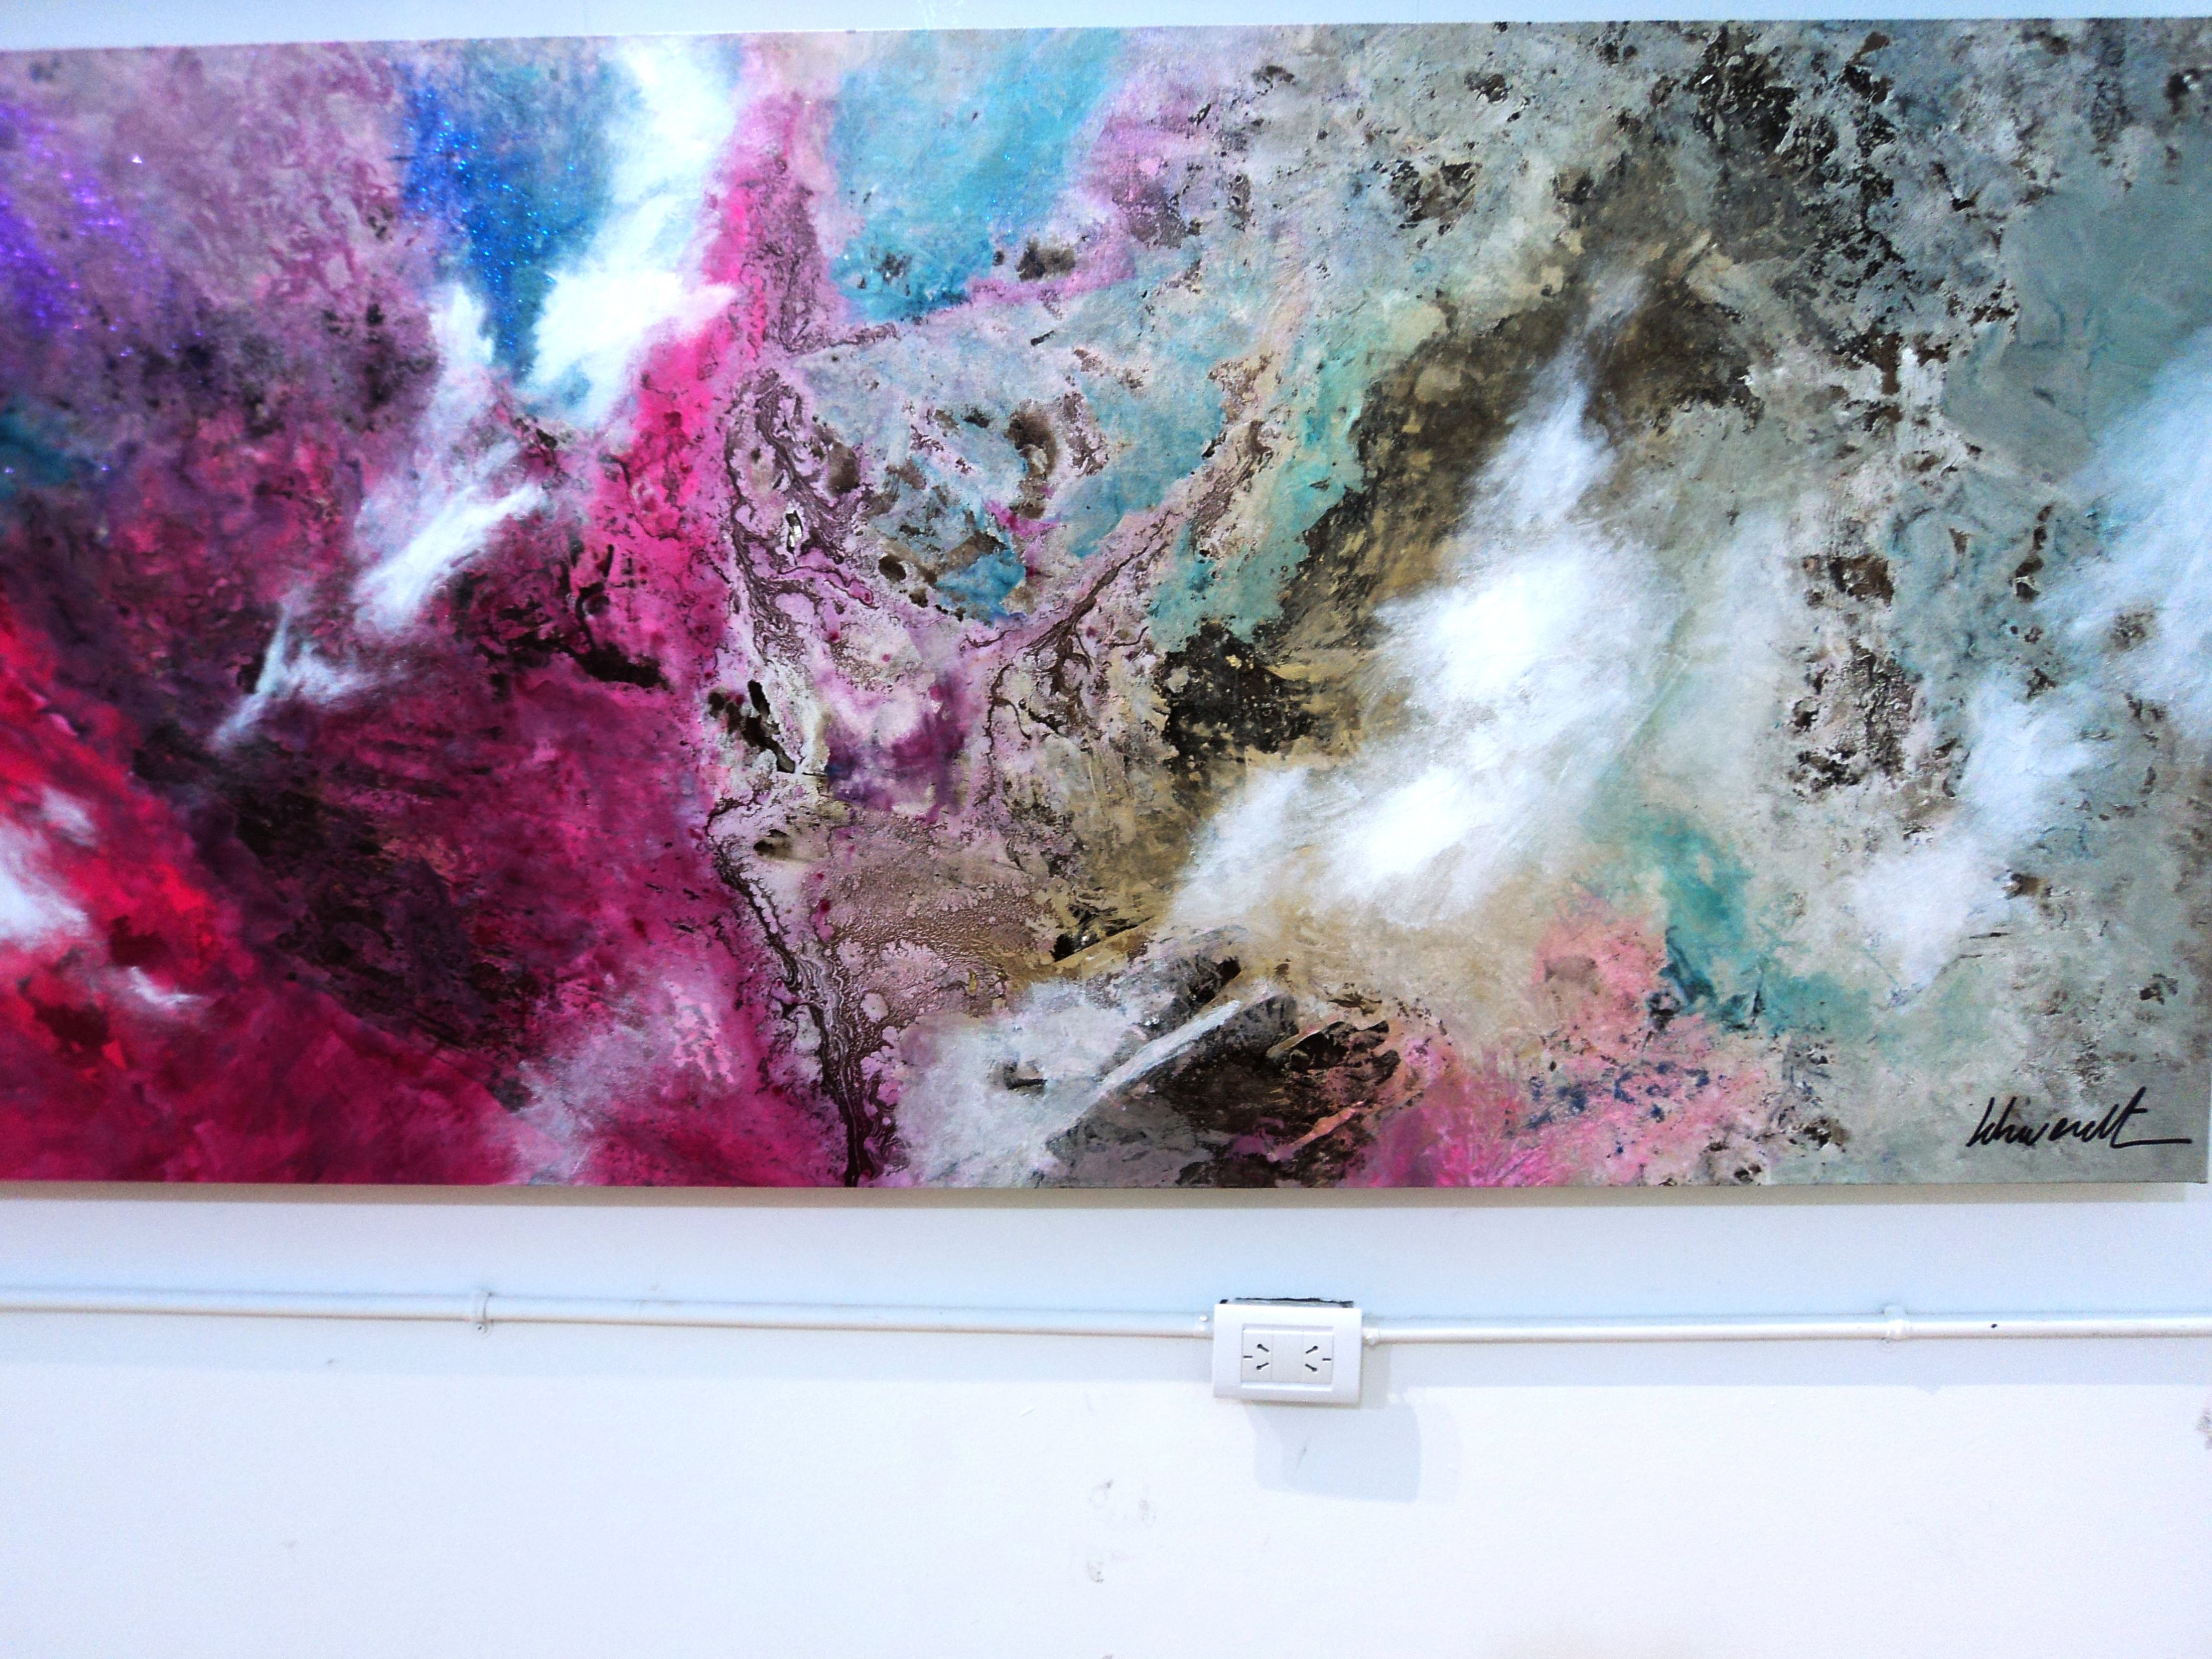 +Pintura abstracta. expo 2013. Desde el aire